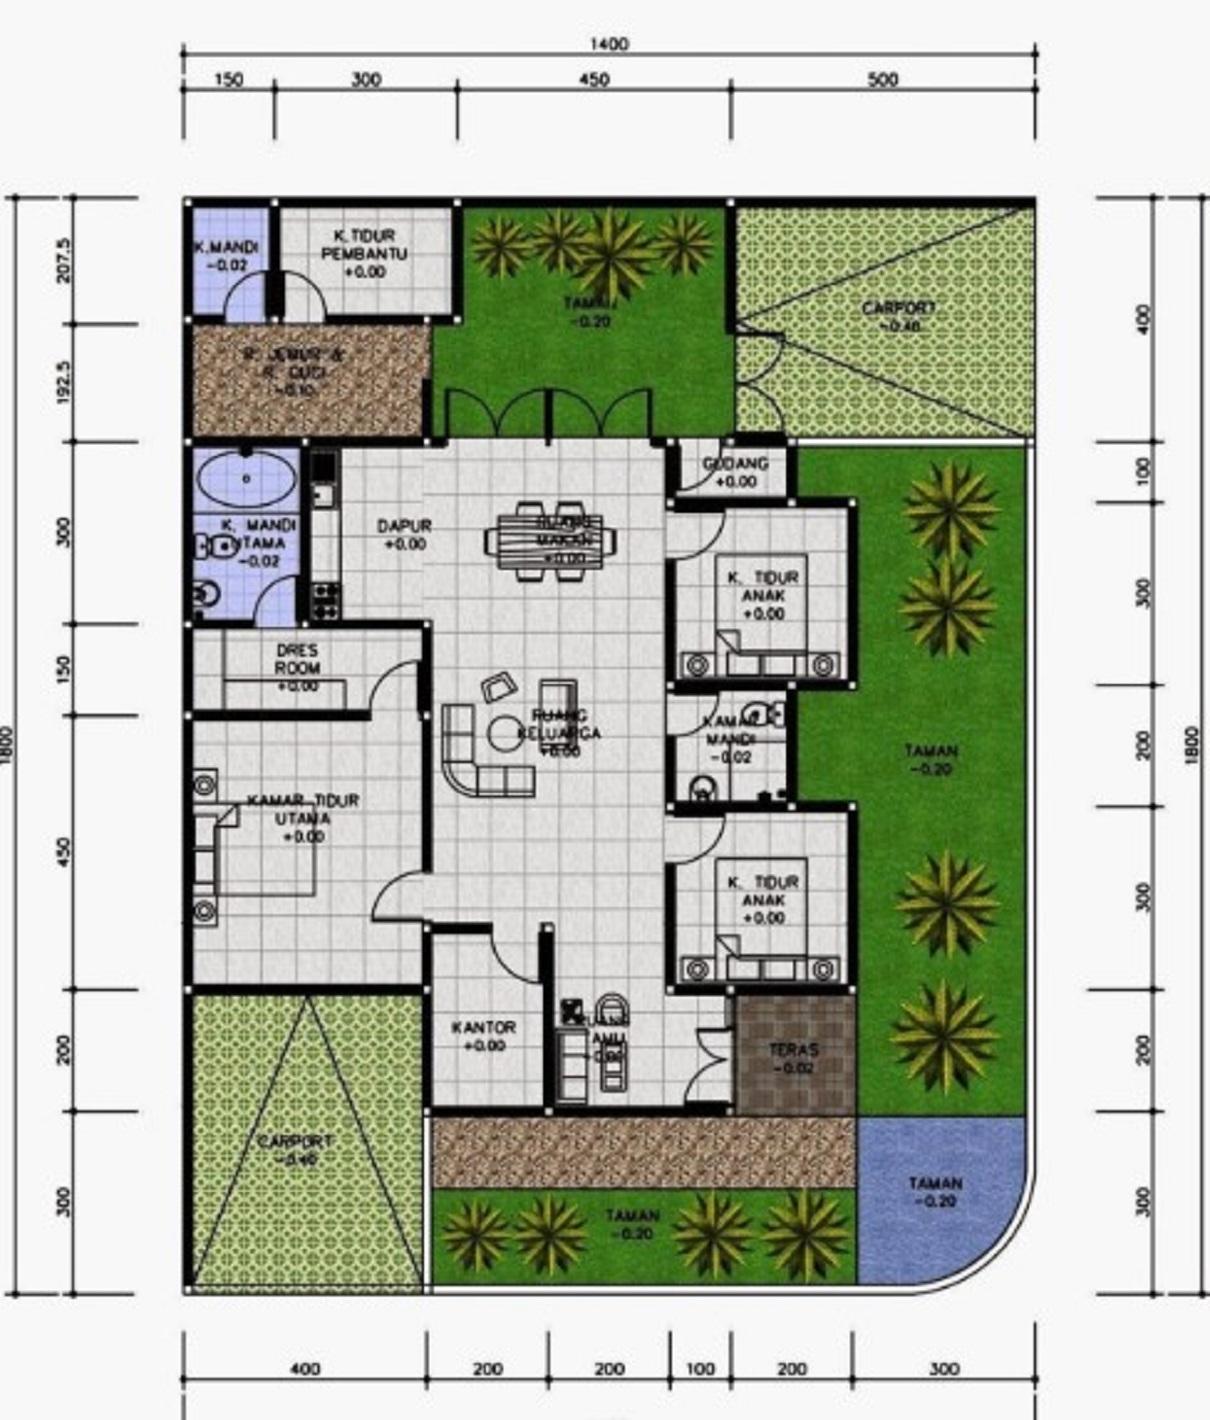 Foto Desain Rumah Minimalis 3 Kamar